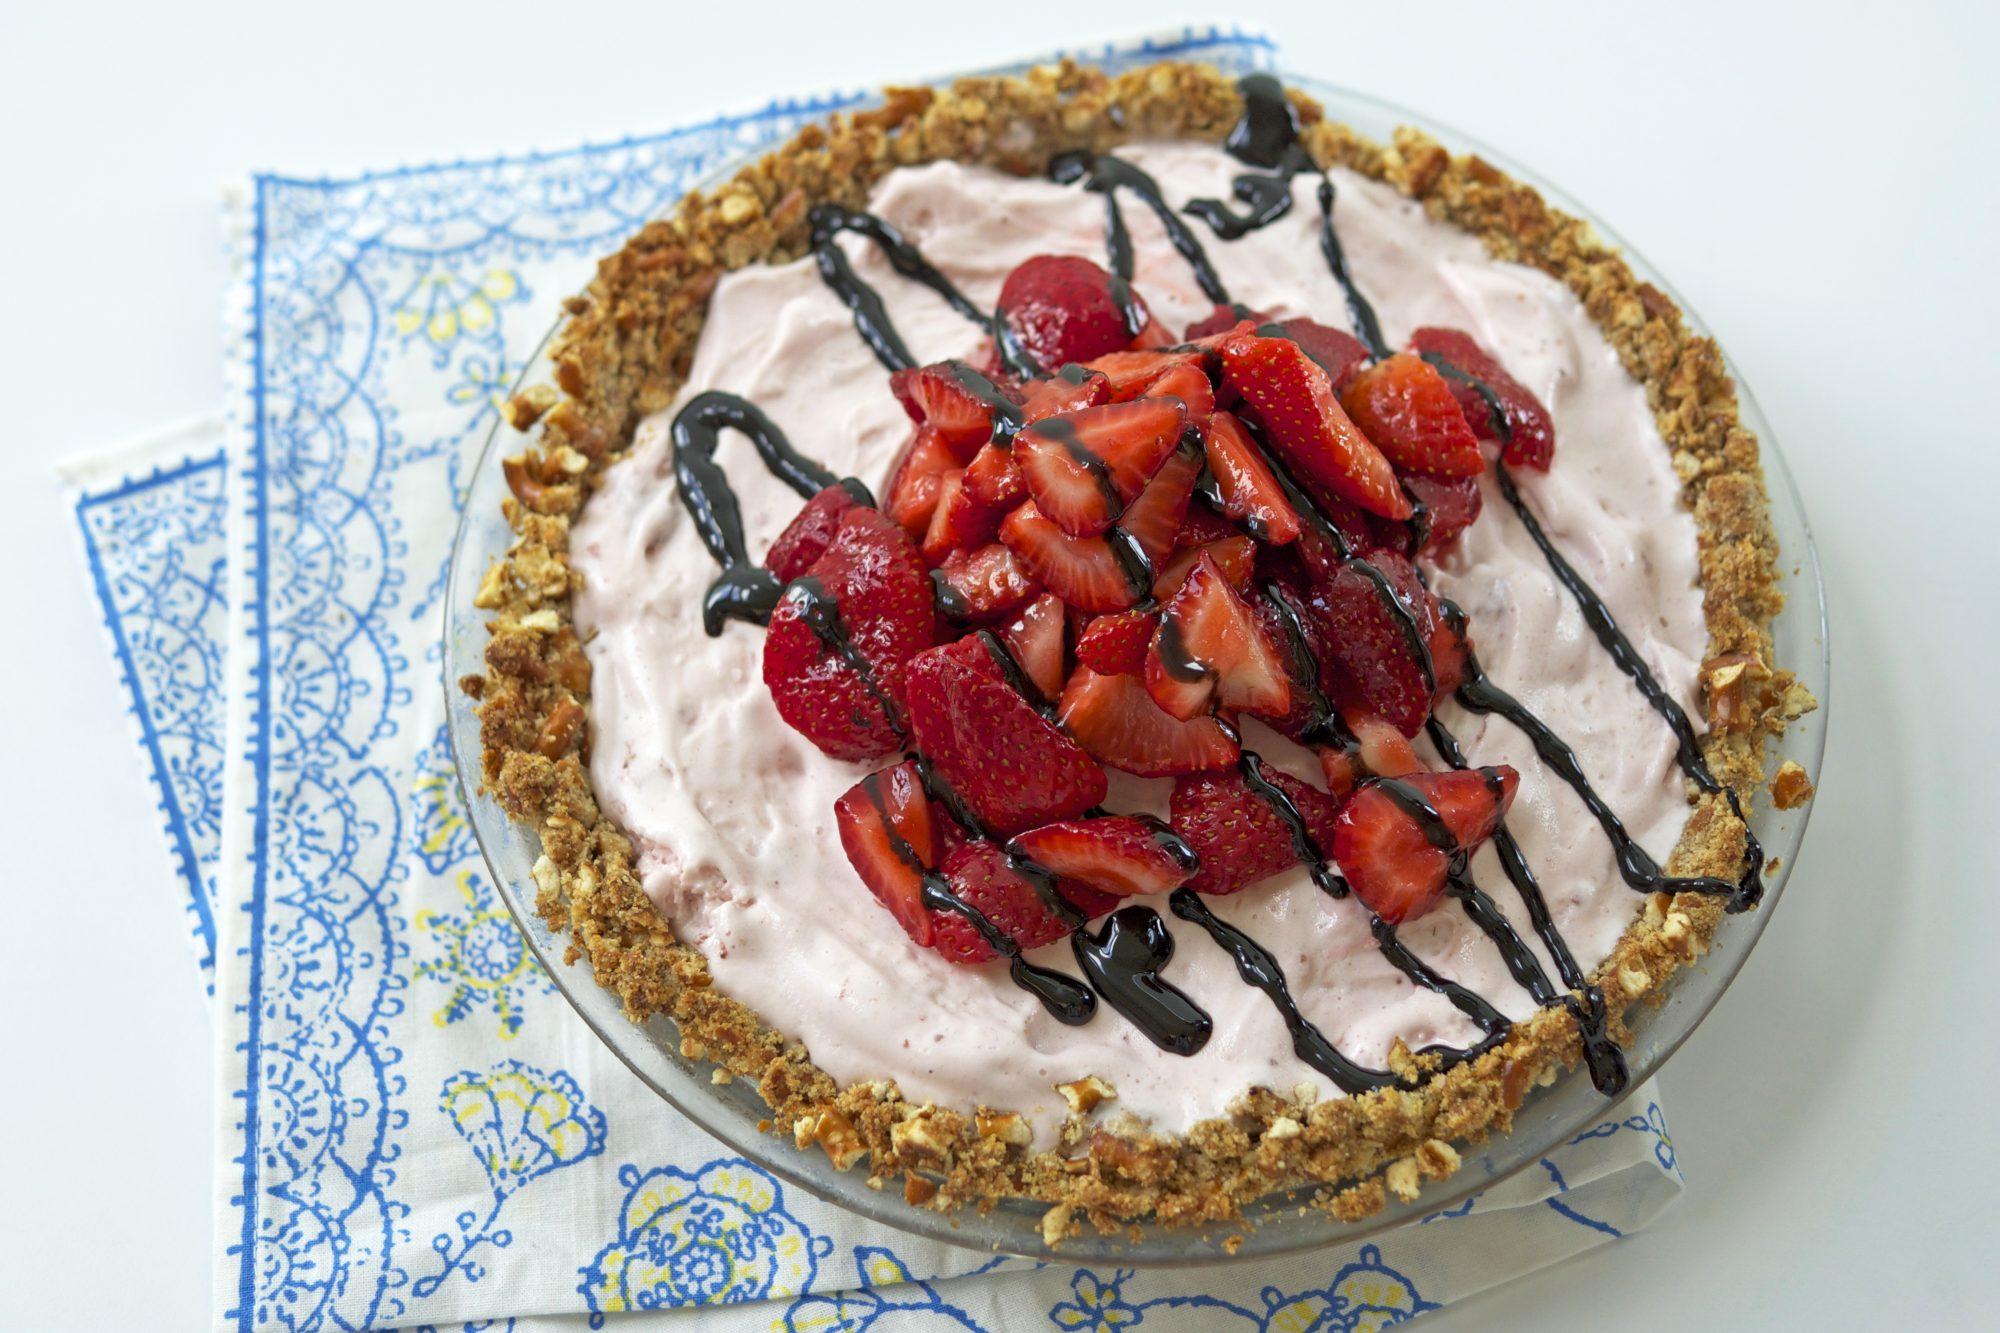 Strawberry Ice Cream Pie with Pretzel Crust Image